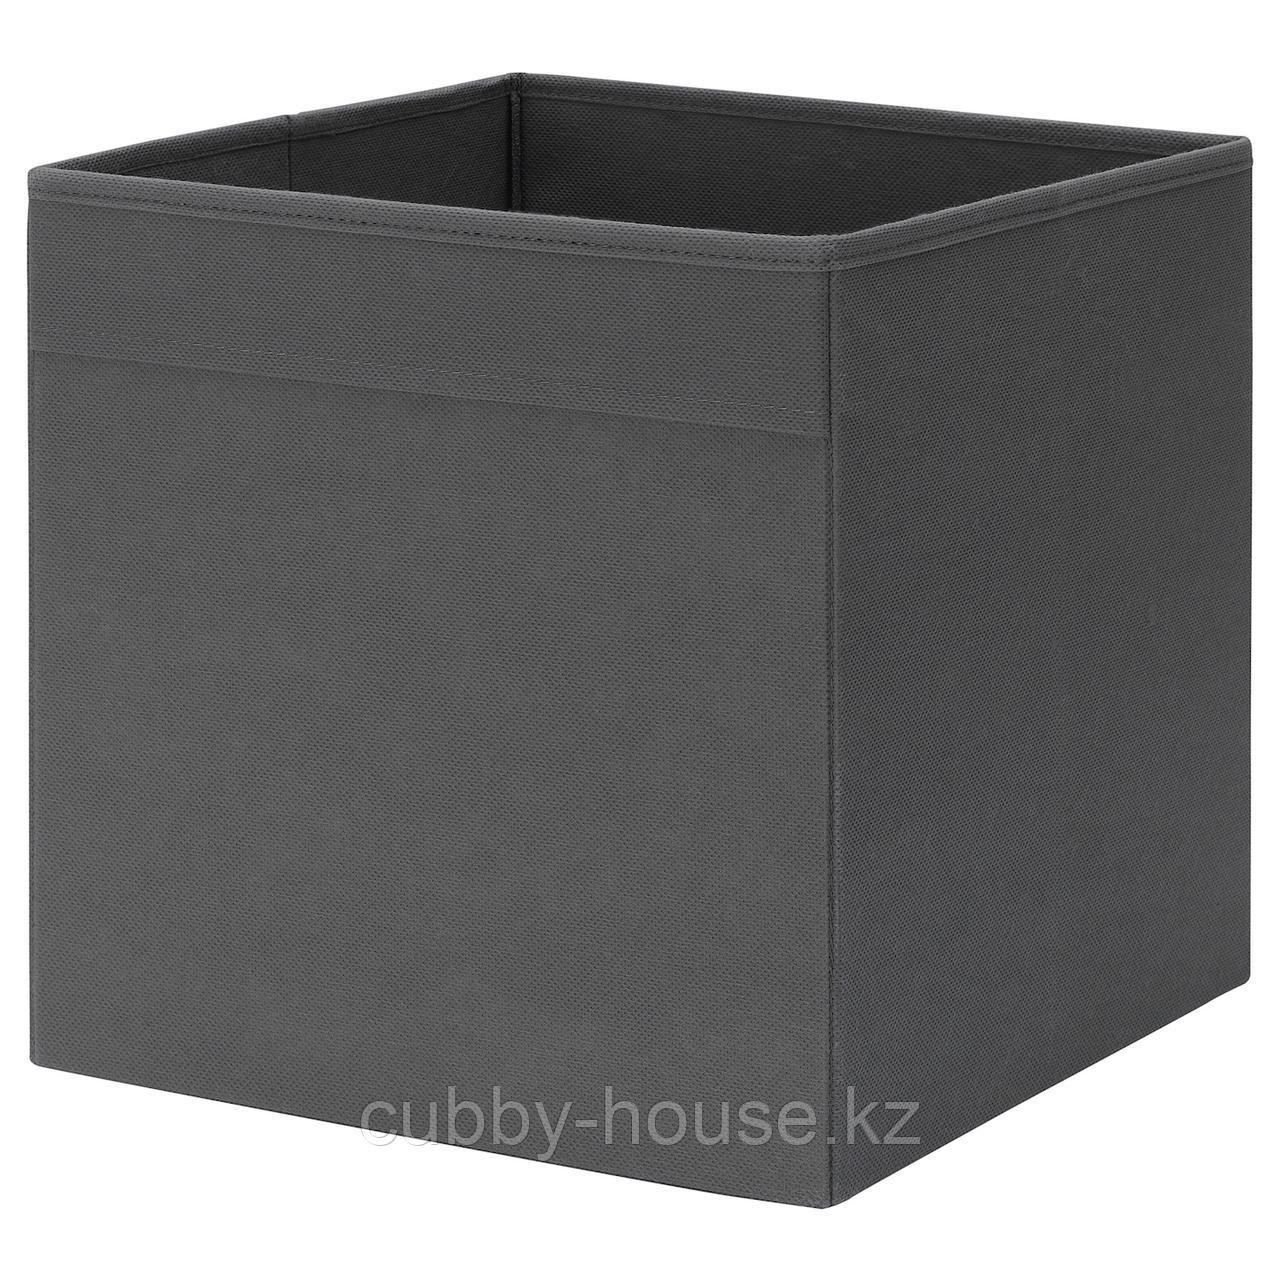 ФЮССЕ Коробка, темно-серый, 30x30x30 см